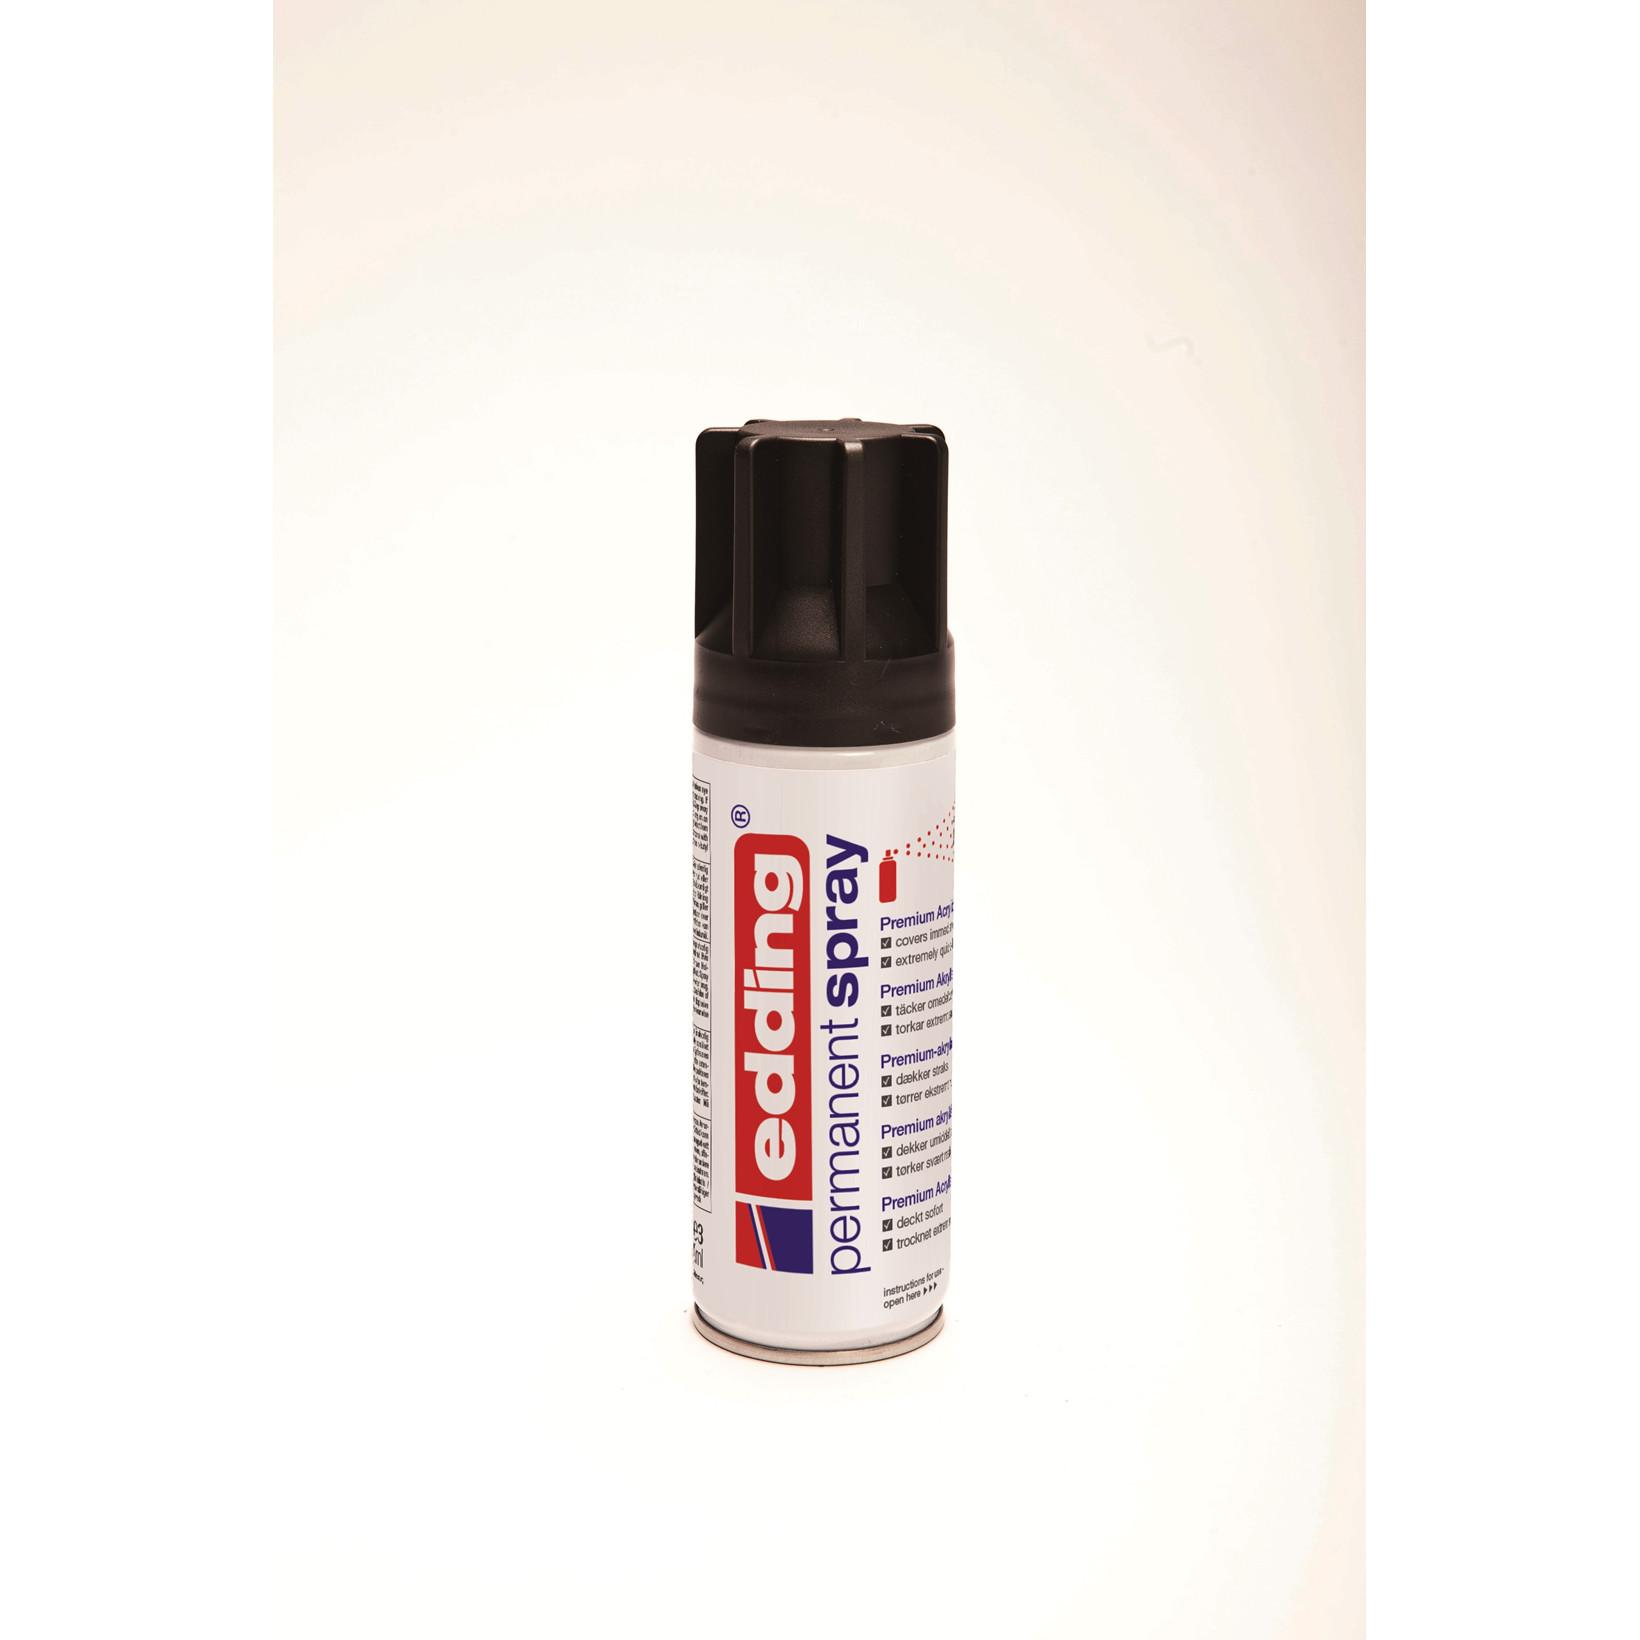 Spray Edding i sort - 200 ml i dåsen